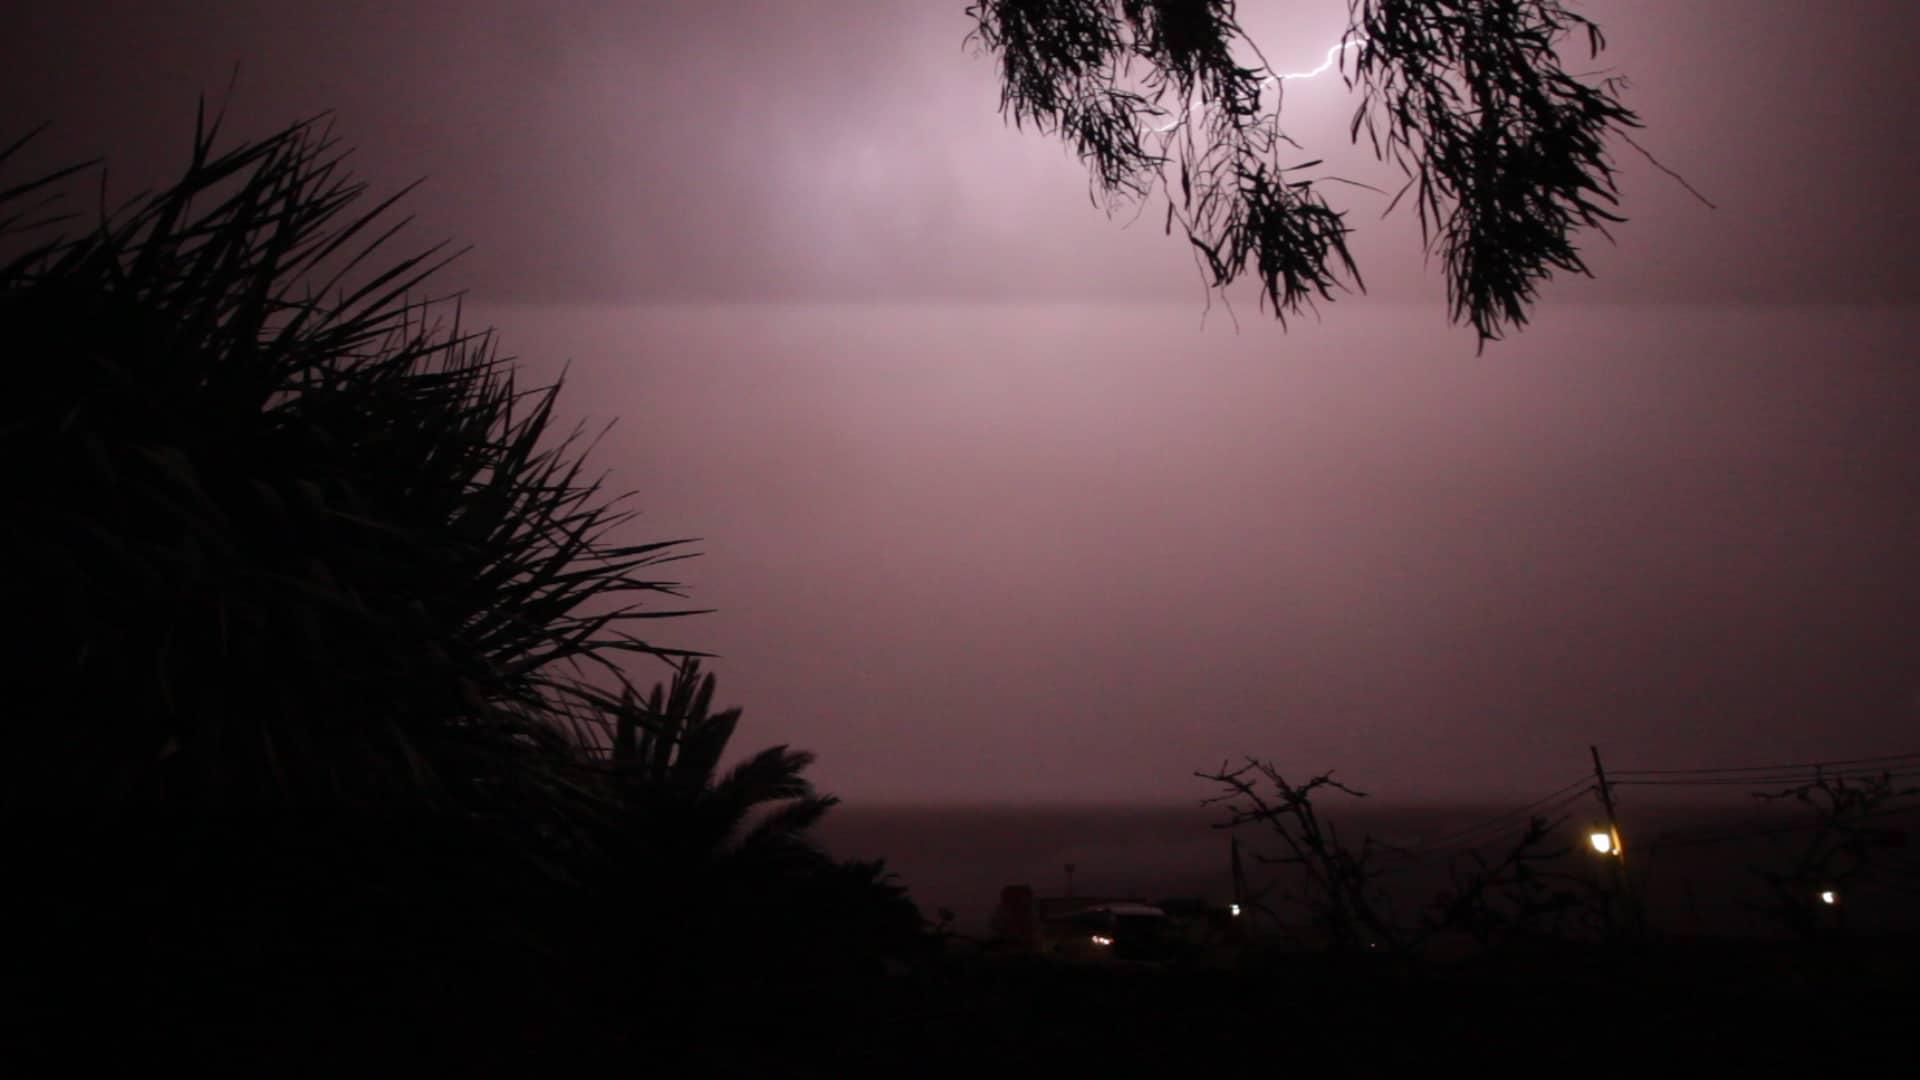 Freak summer weather in Fuerteventura